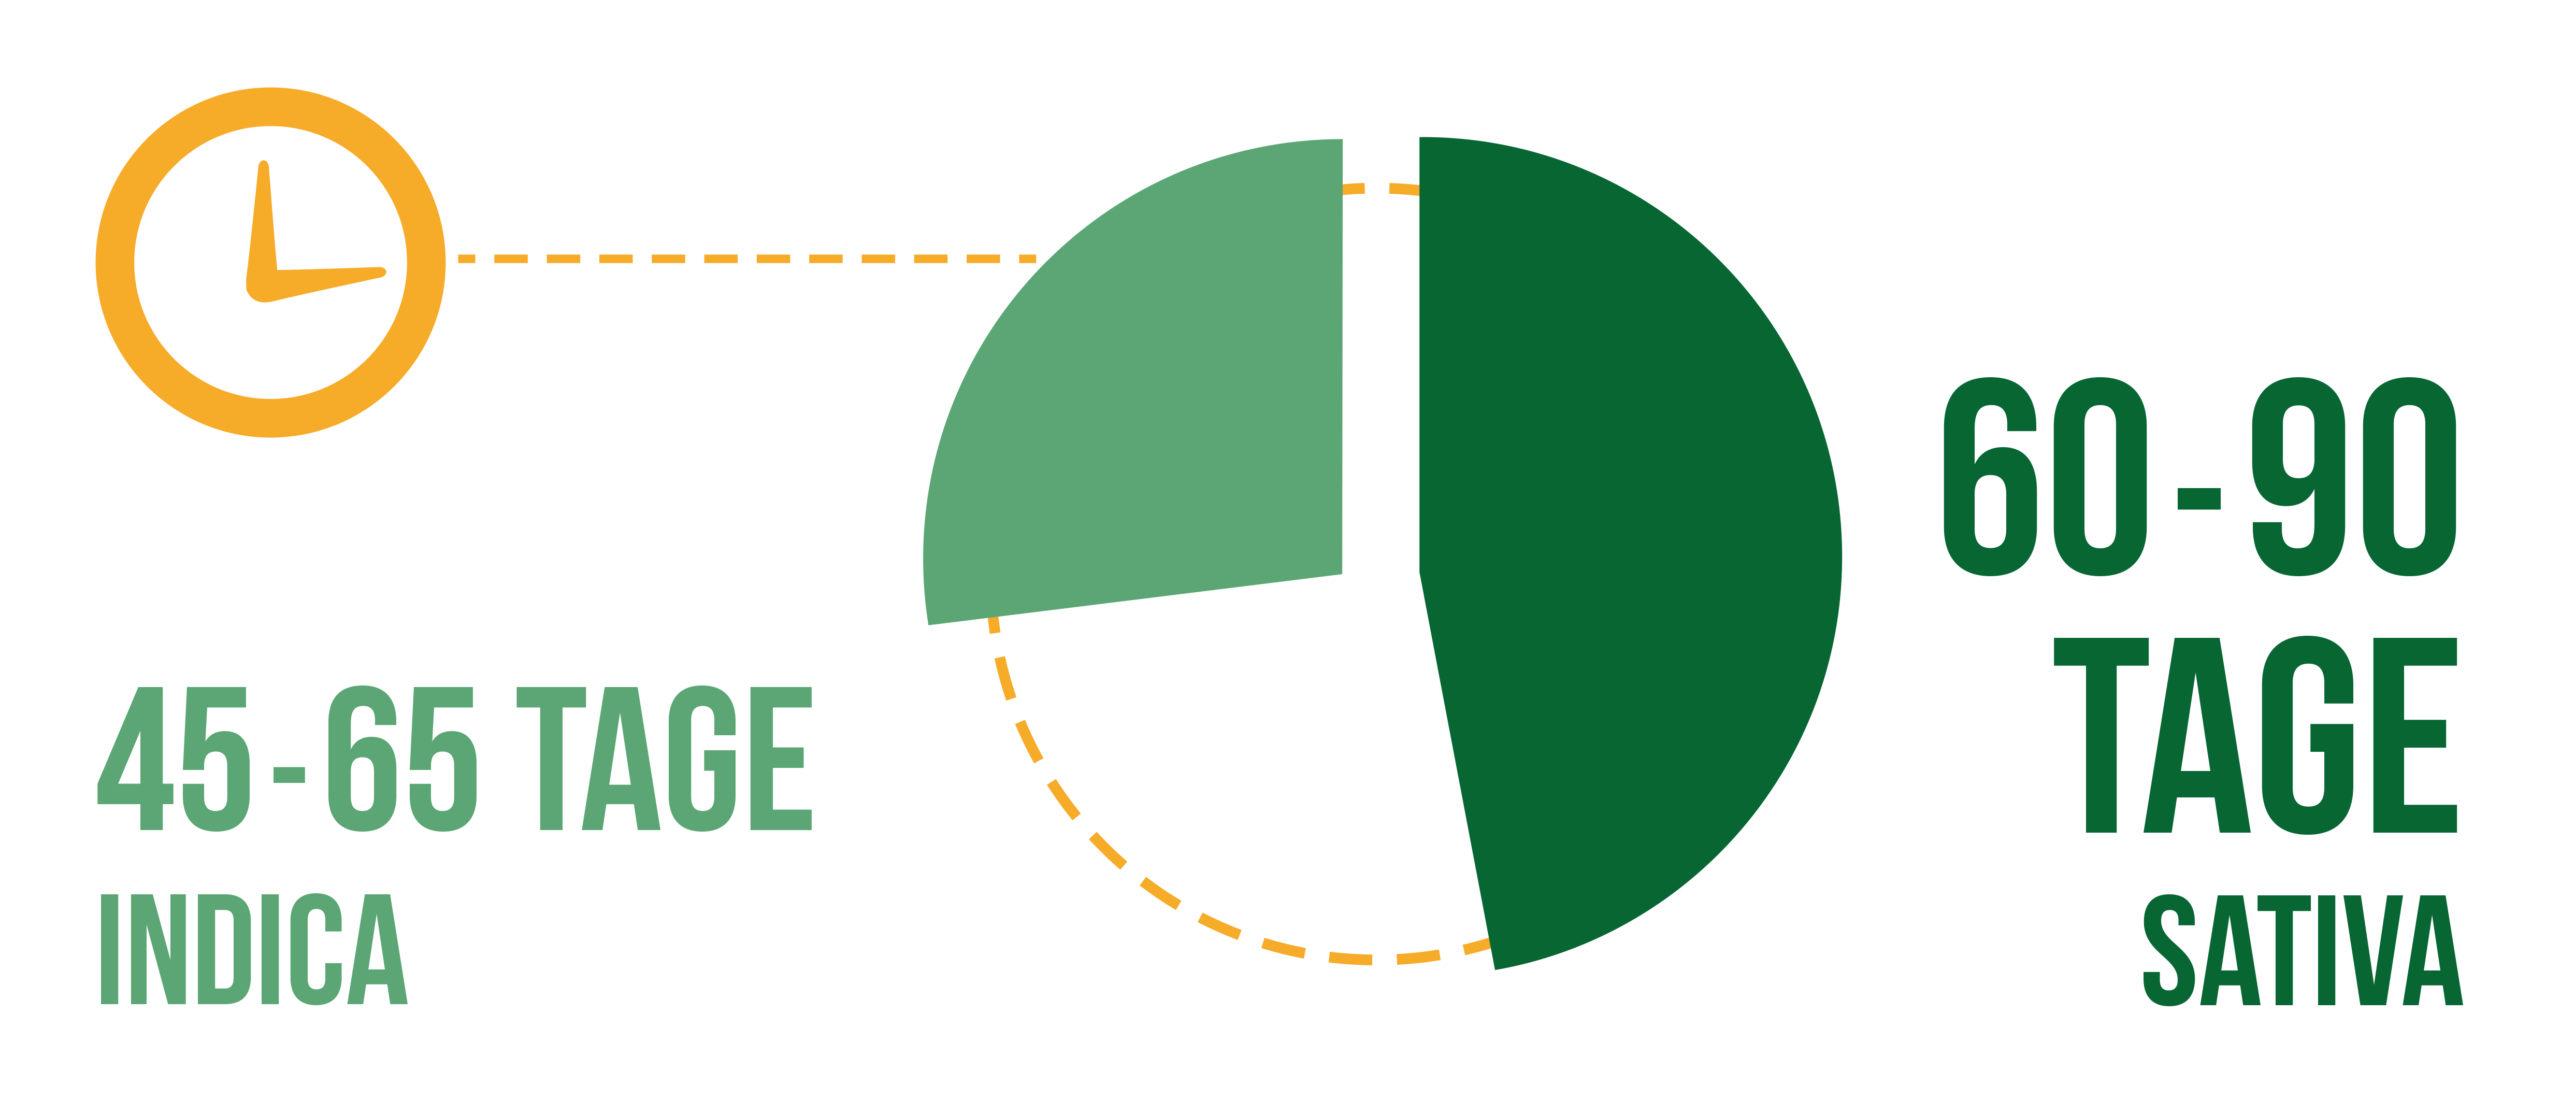 Ein Kreisdiagramm der Trocknungszeit für Sativa und Indica-Knospen